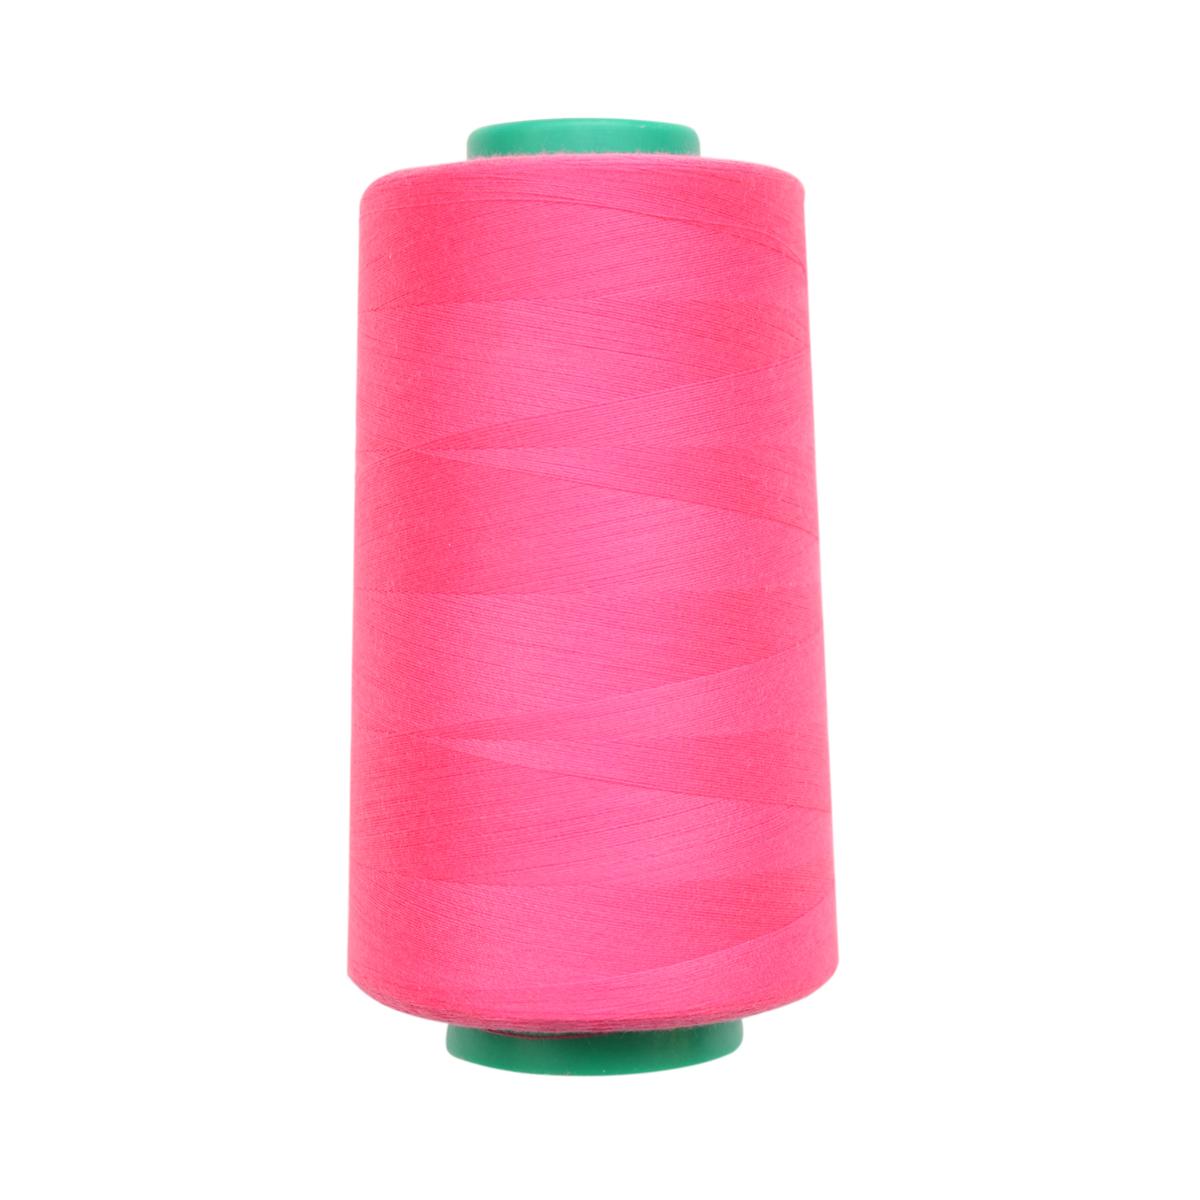 Нитки для шитья Bestex 50/2, 5000 ярд, цвет: ярк.фуксия (295)7700936-295Сфера использования: трикотаж; ткани малого веса; оверлочные швы; отделка краев; вышивка. Размер игл №70-80